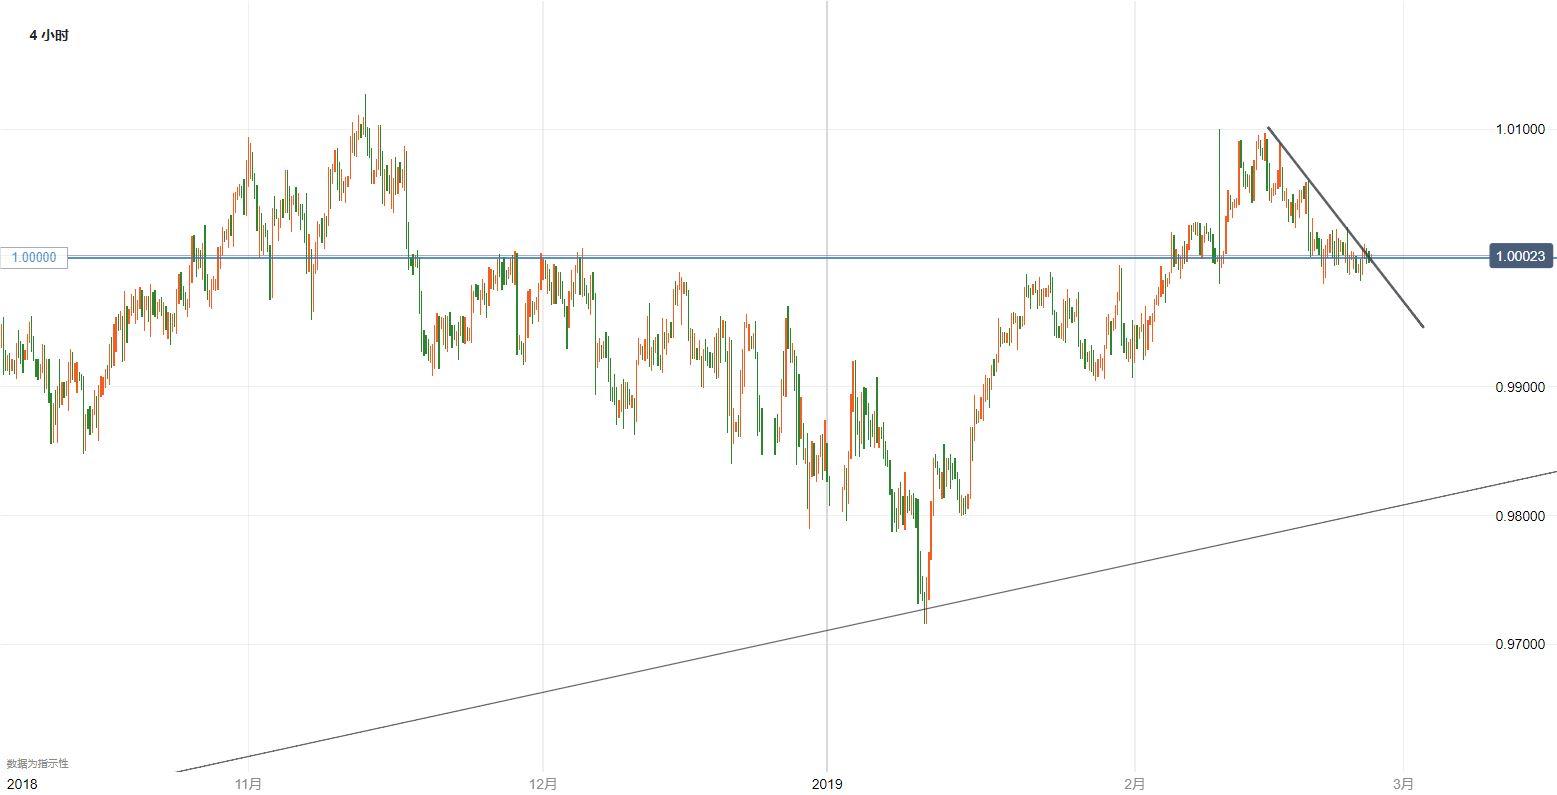 美元/瑞郎技术分析:仍耐心等待平价关口得失